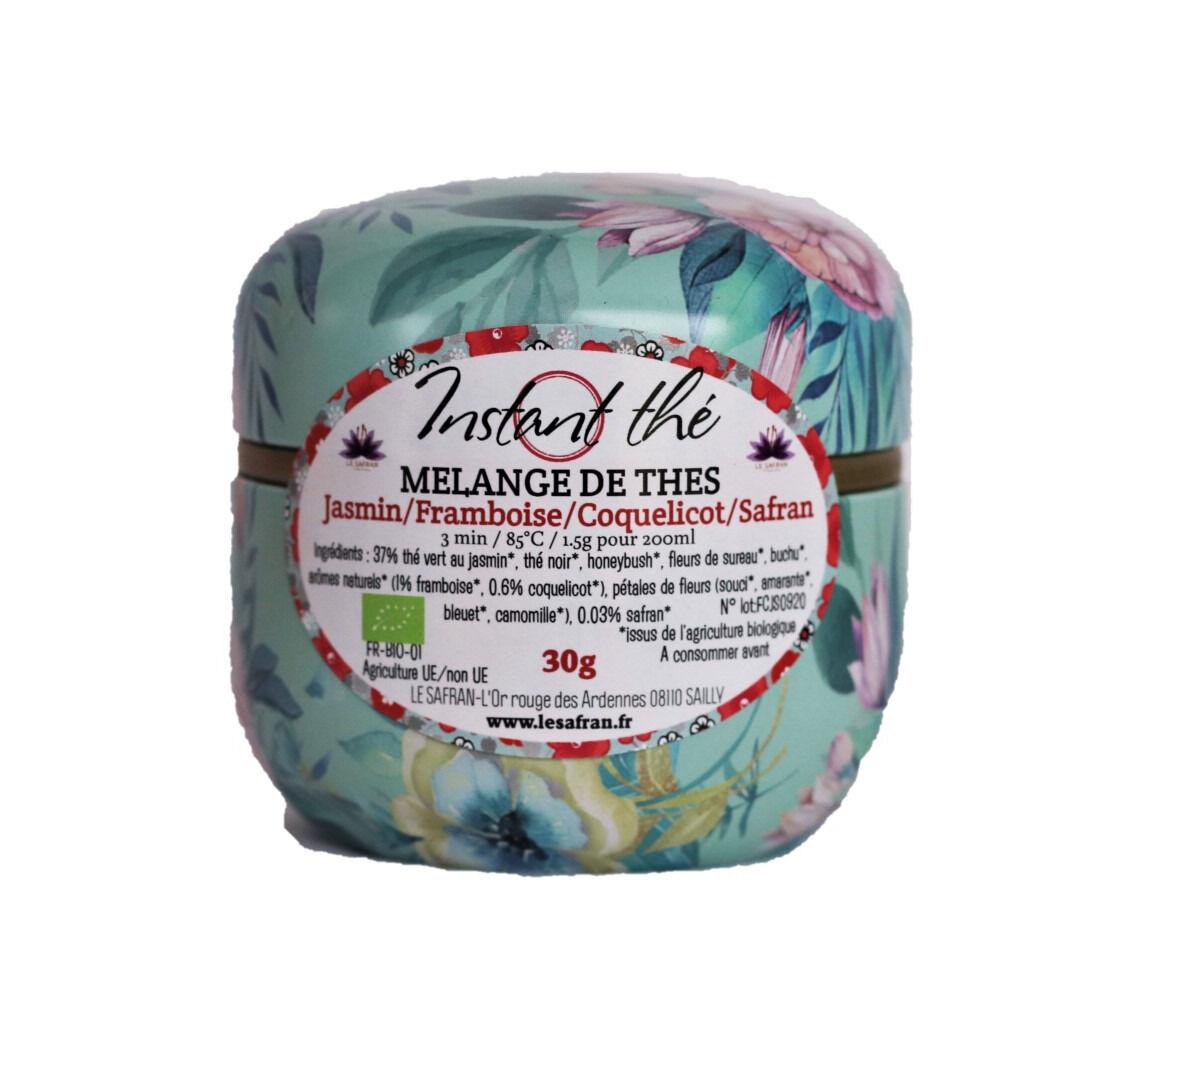 Le safran - l'or rouge des Ardennes Mélange De Thés Bio Jasmin-framboise-coquelicot-safran, 30g, 20 Tasses